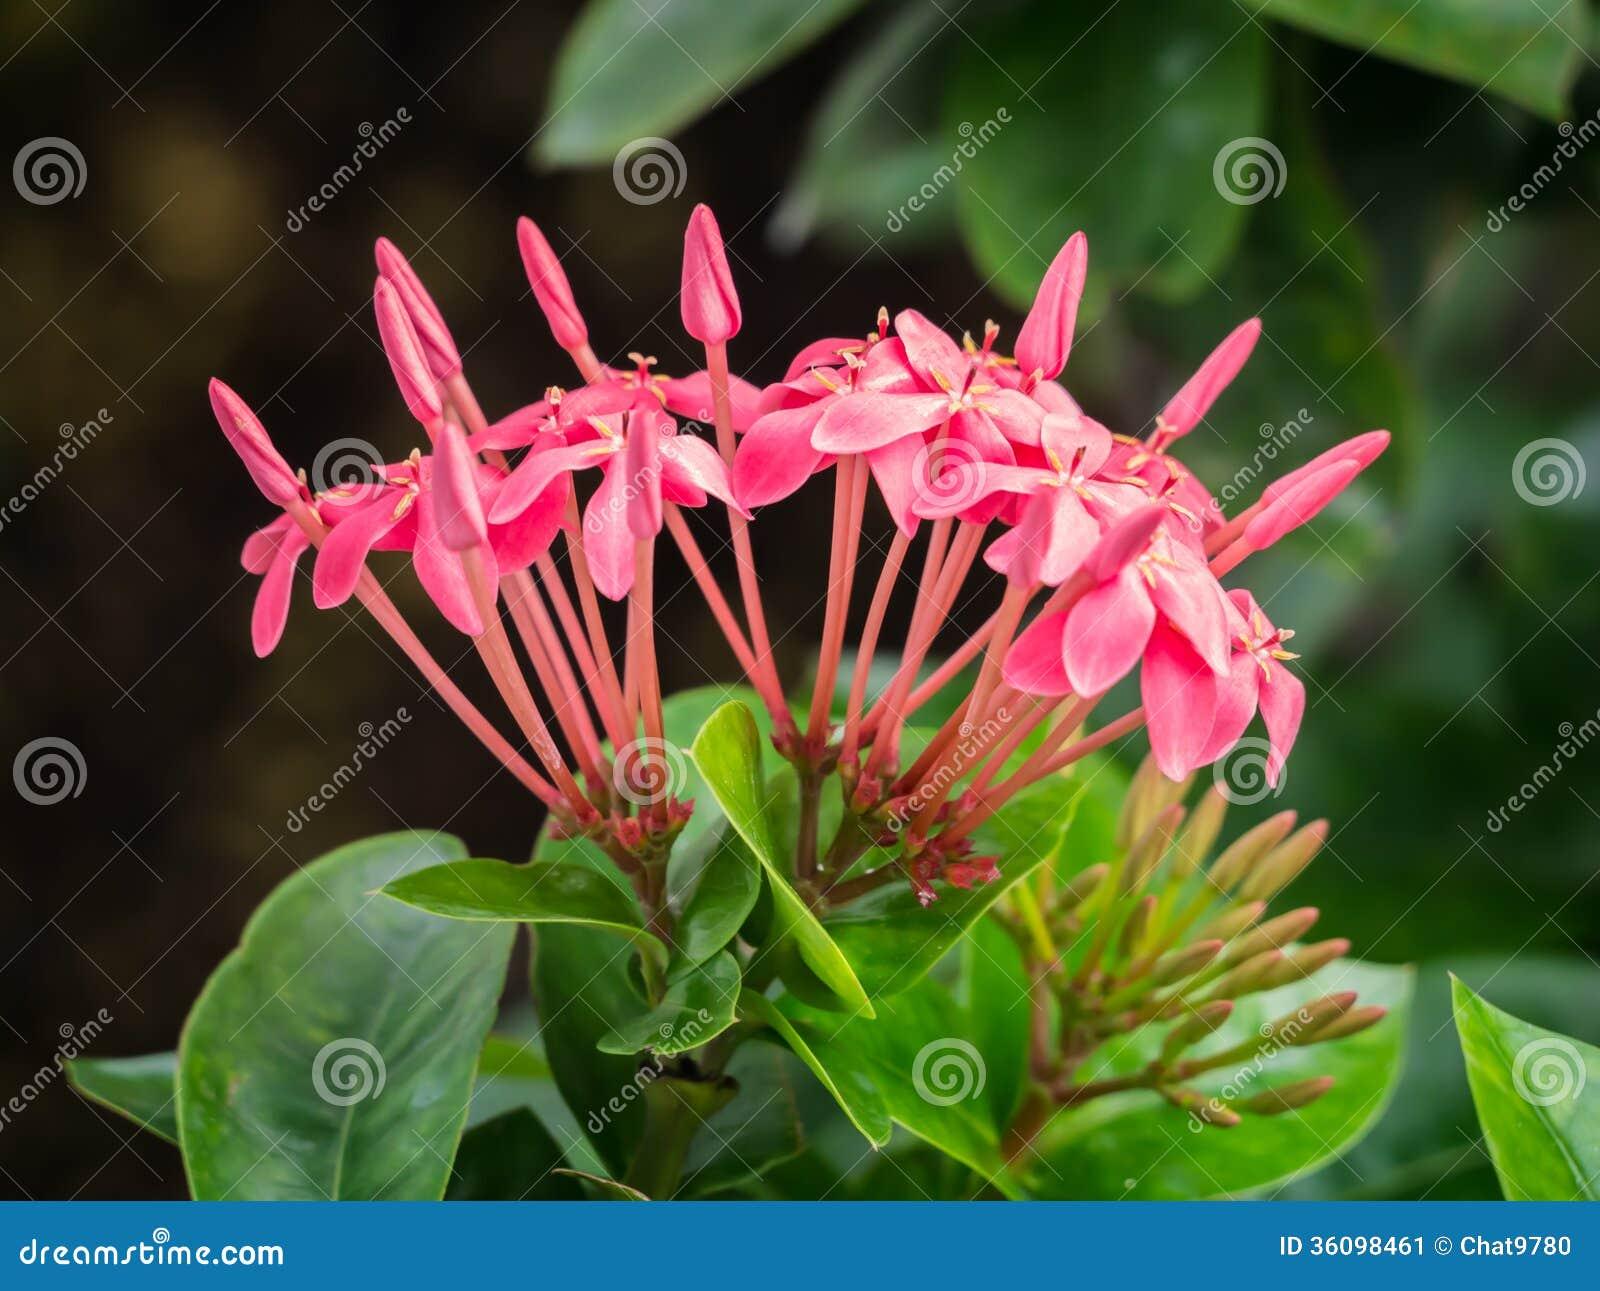 Fotos De Stock Chat9780: Pink Ixora Stock Image